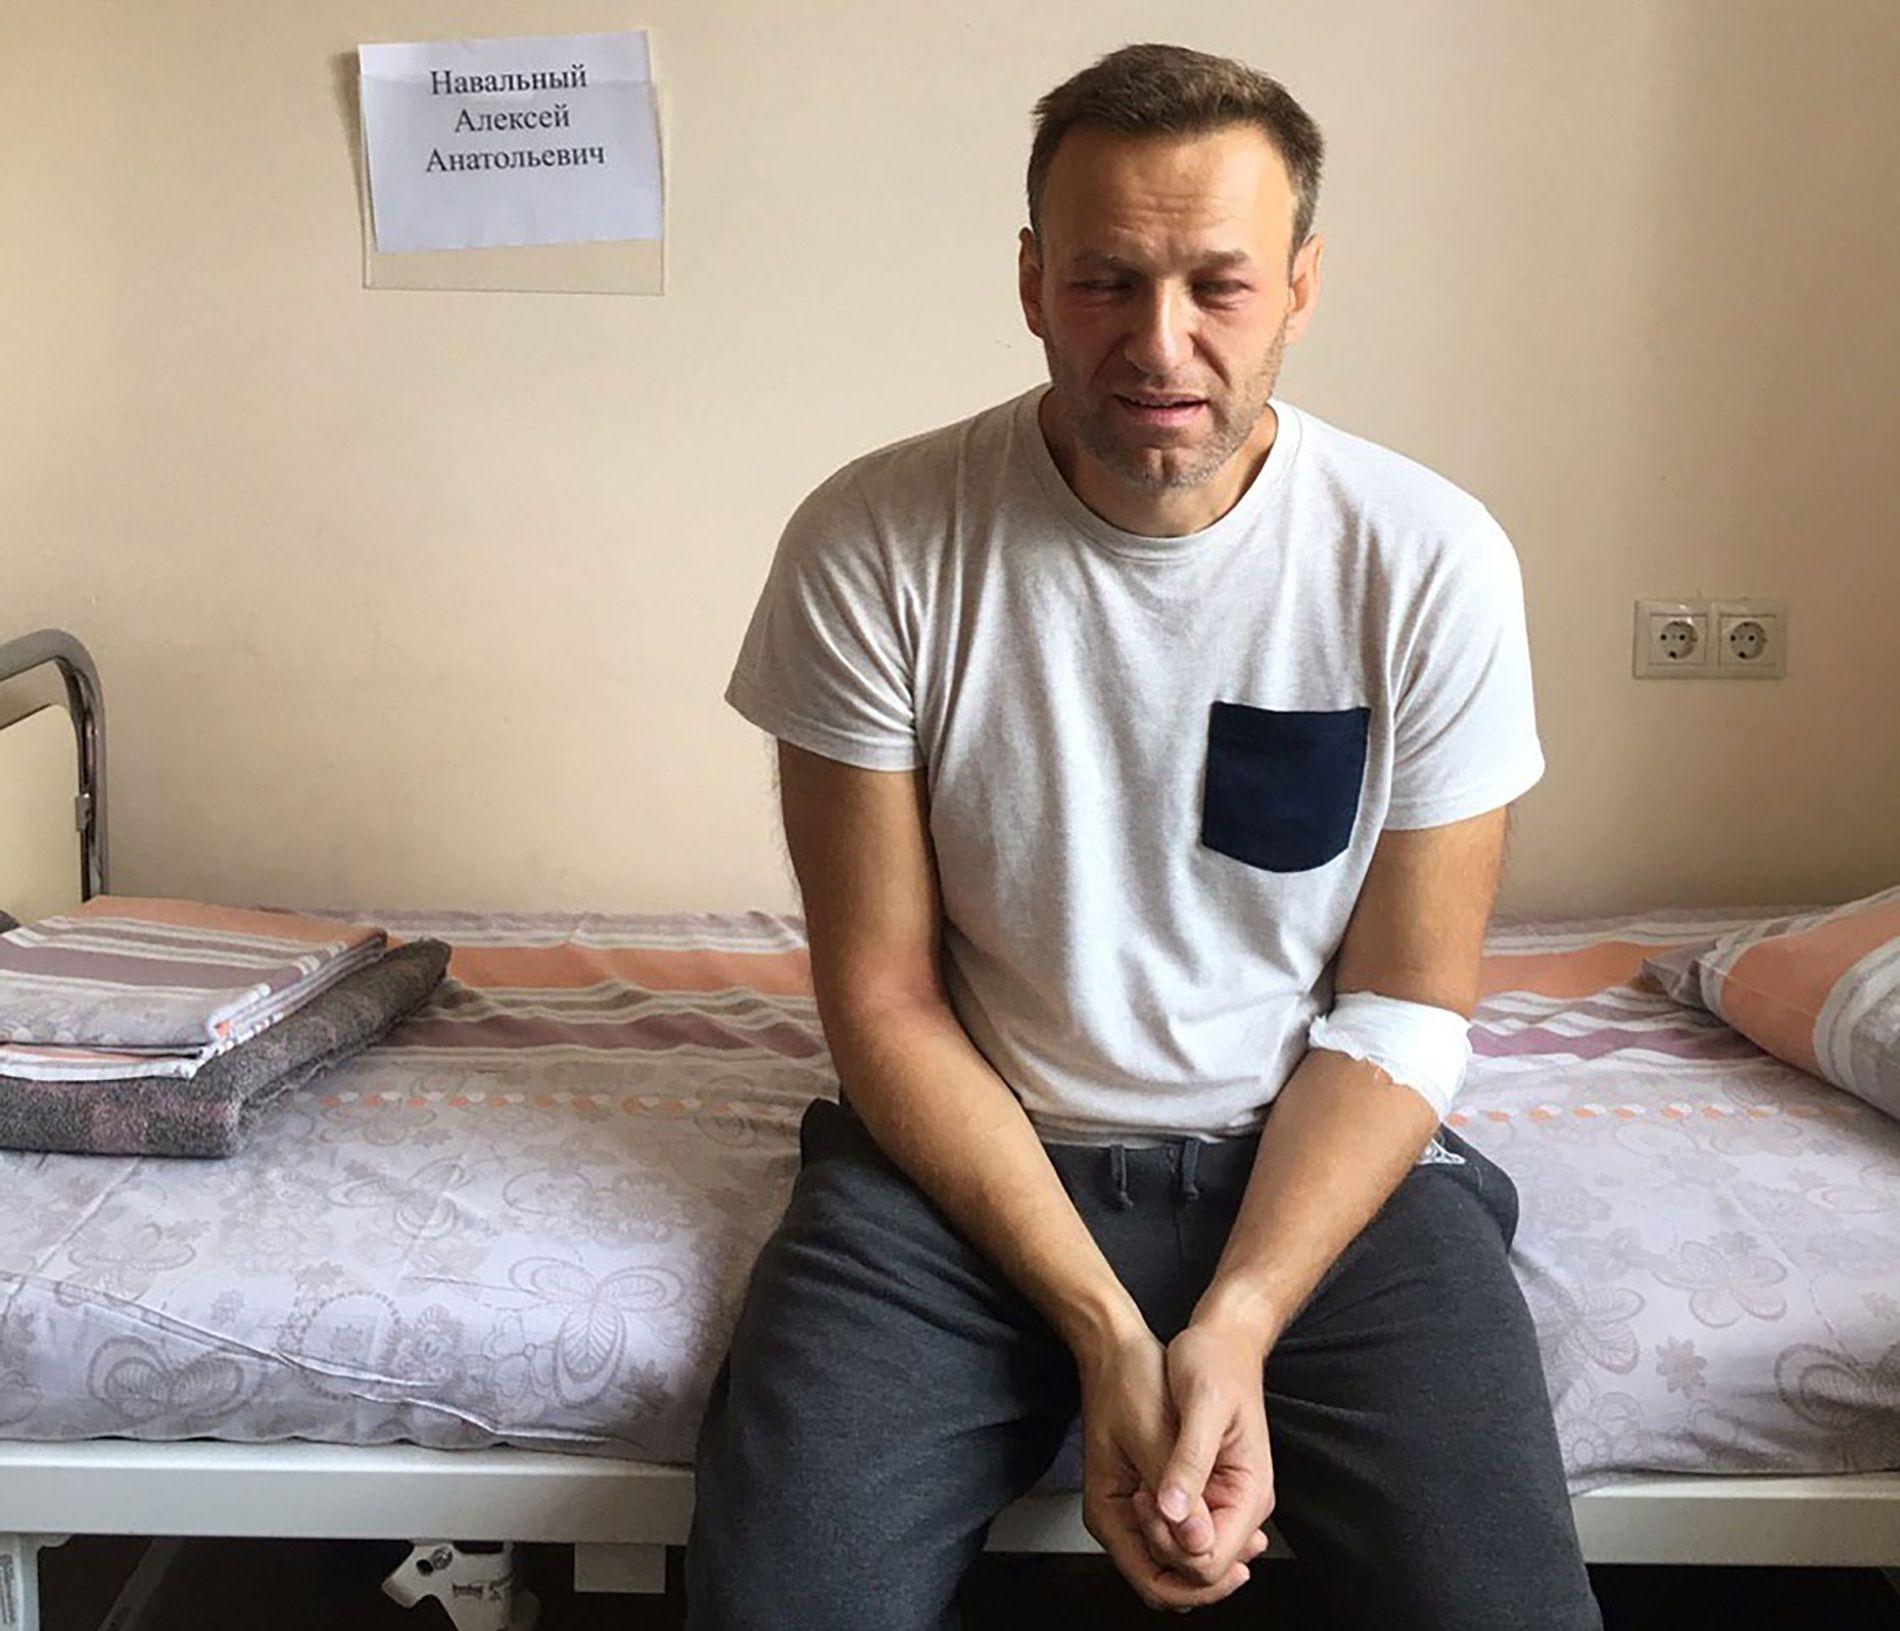 OPPOSISJONSLEDER: Aleksej Navalnyj fikk allergiske reaksjoner og frykter at han ble forgiftet i fengselscellen. Her er han fotografert da han ble undersøkt på sykehus. Han er nå tilbake i fengselet.